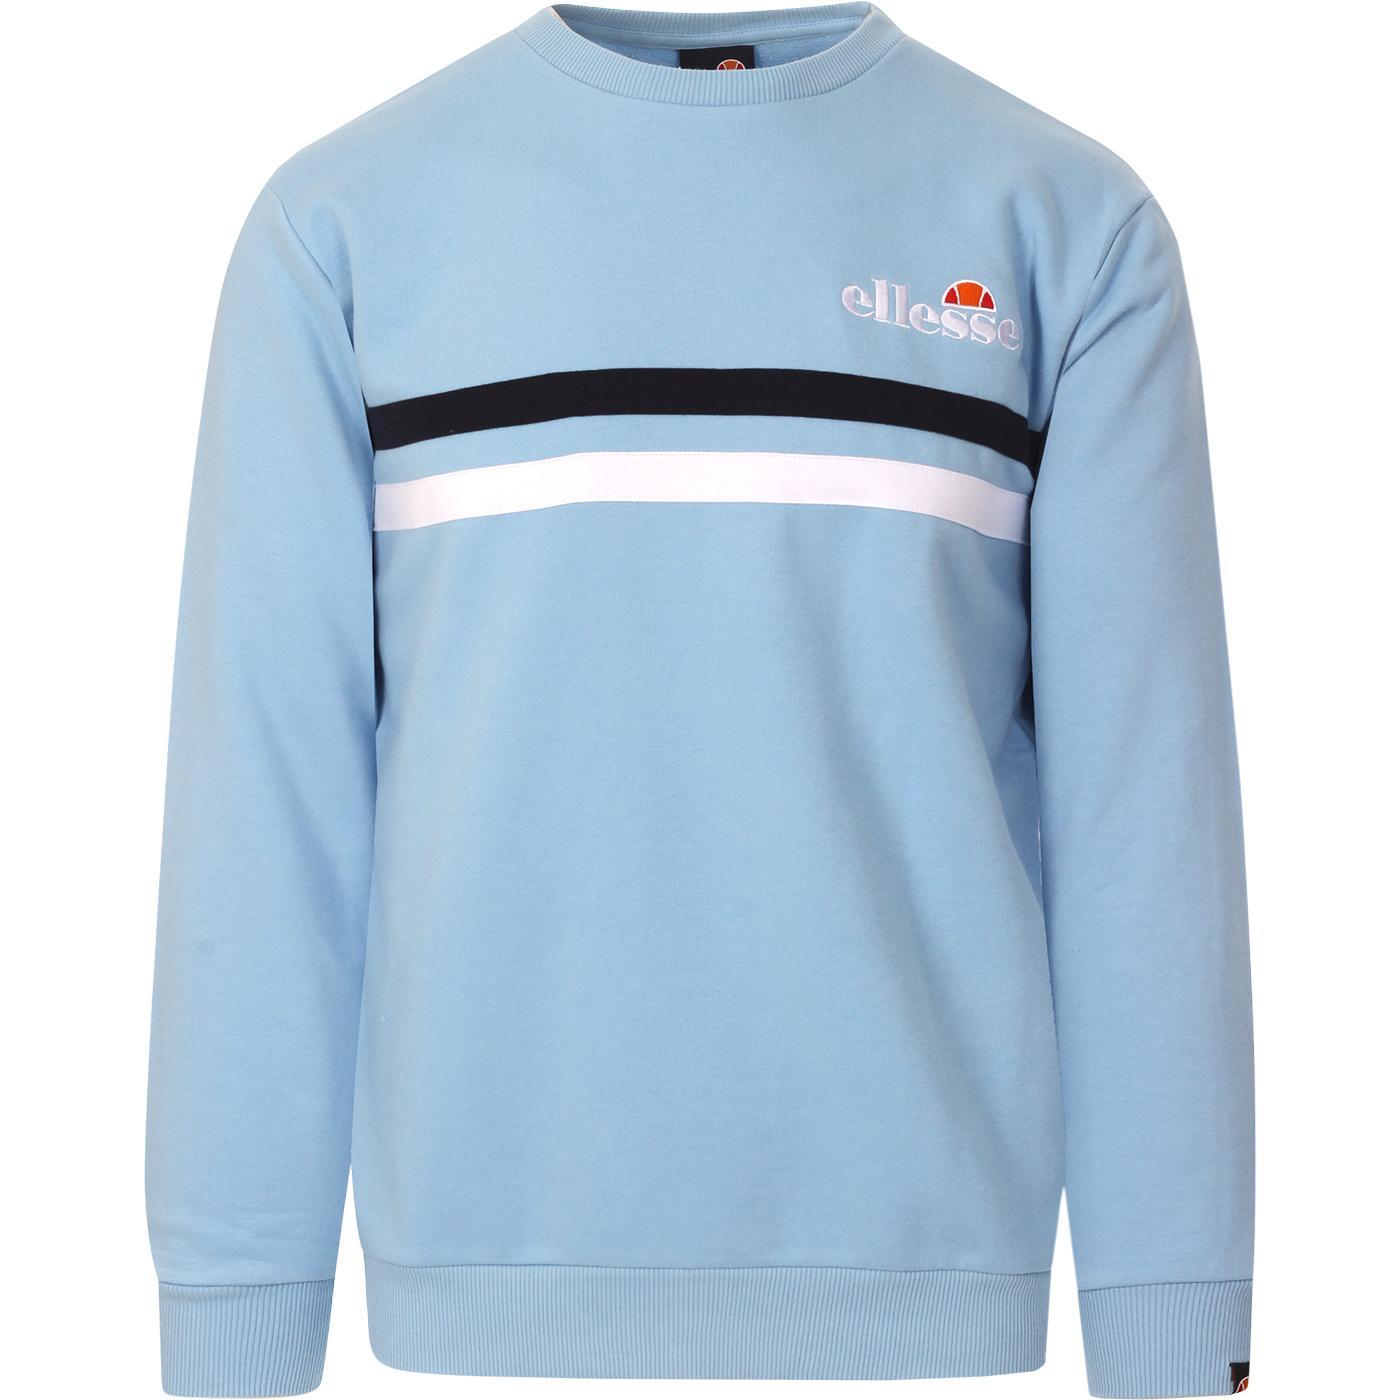 Bellucci ELLESSE Retro Chest Stripe Sweatshirt LB